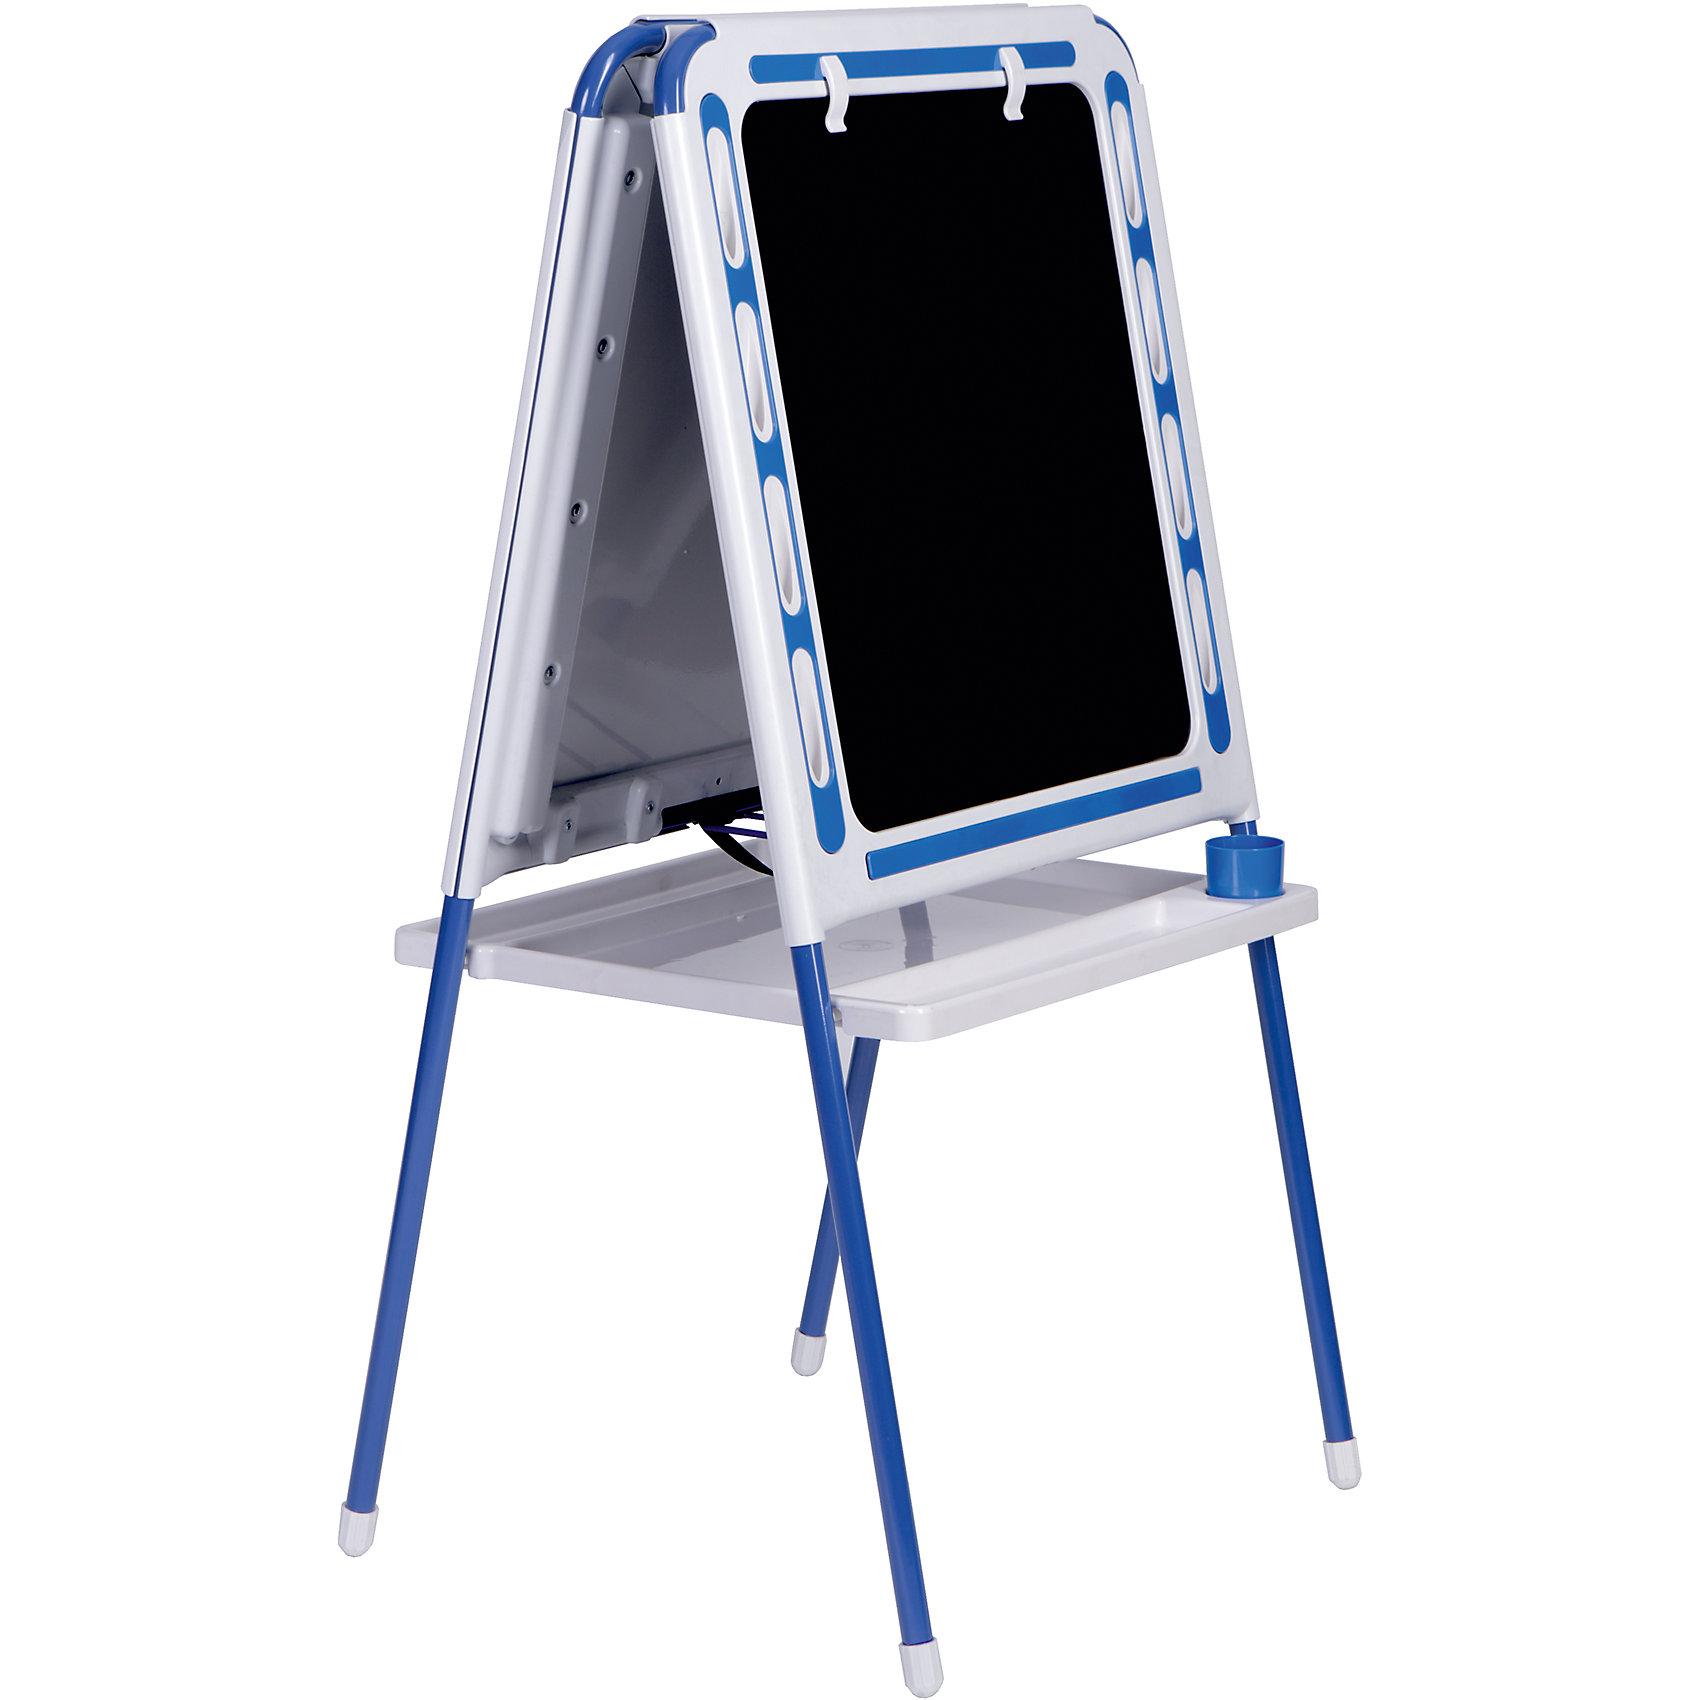 Синий мольбертРисование<br>Синий мольберт – это мольберт с двумя рабочими поверхностями, предназначенный для детского творчества и развития.<br>Современный, функциональный и очень удобный мольберт - это универсальный уголок для рисования и обучения у вас дома. Двойная доска устанавливается «домиком» прямо на пол и не требует дополнительных креплений. На металлических ножках – пластмассовые заглушки. Мольберт спроектирован особым образом: он может  использоваться двумя детьми одновременно. С обеих сторон мольберта есть удобные зажимы для бумаги. В комплект входят два стаканчика для рисования, большая полка для альбомов и красок. Мольберт подходит для работы красками, мелом, карандашами и маркерами. Юный художник по достоинству оценит удобные пазы-подставки для канцелярских принадлежностей, расположенные прямо на рамке мольберта, слева и справа от его рабочей поверхности. Углы мольберта скруглены для снижения травматичности ребенка.<br><br>Дополнительная информация:<br><br>- В комплекте: мольберт, два стаканчика для рисования, полка<br>- Цвет: белый, синий<br>- Материал: пластик, металл<br>- Размер: 100,5х48 см.<br>- Размер упаковки: 112х55х70 см.<br>- Вес: 14,2 кг.<br><br>Синий мольберт можно купить в нашем интернет-магазине.<br><br>Ширина мм: 1220<br>Глубина мм: 650<br>Высота мм: 110<br>Вес г: 14200<br>Возраст от месяцев: -2147483648<br>Возраст до месяцев: 2147483647<br>Пол: Унисекс<br>Возраст: Детский<br>SKU: 4589688